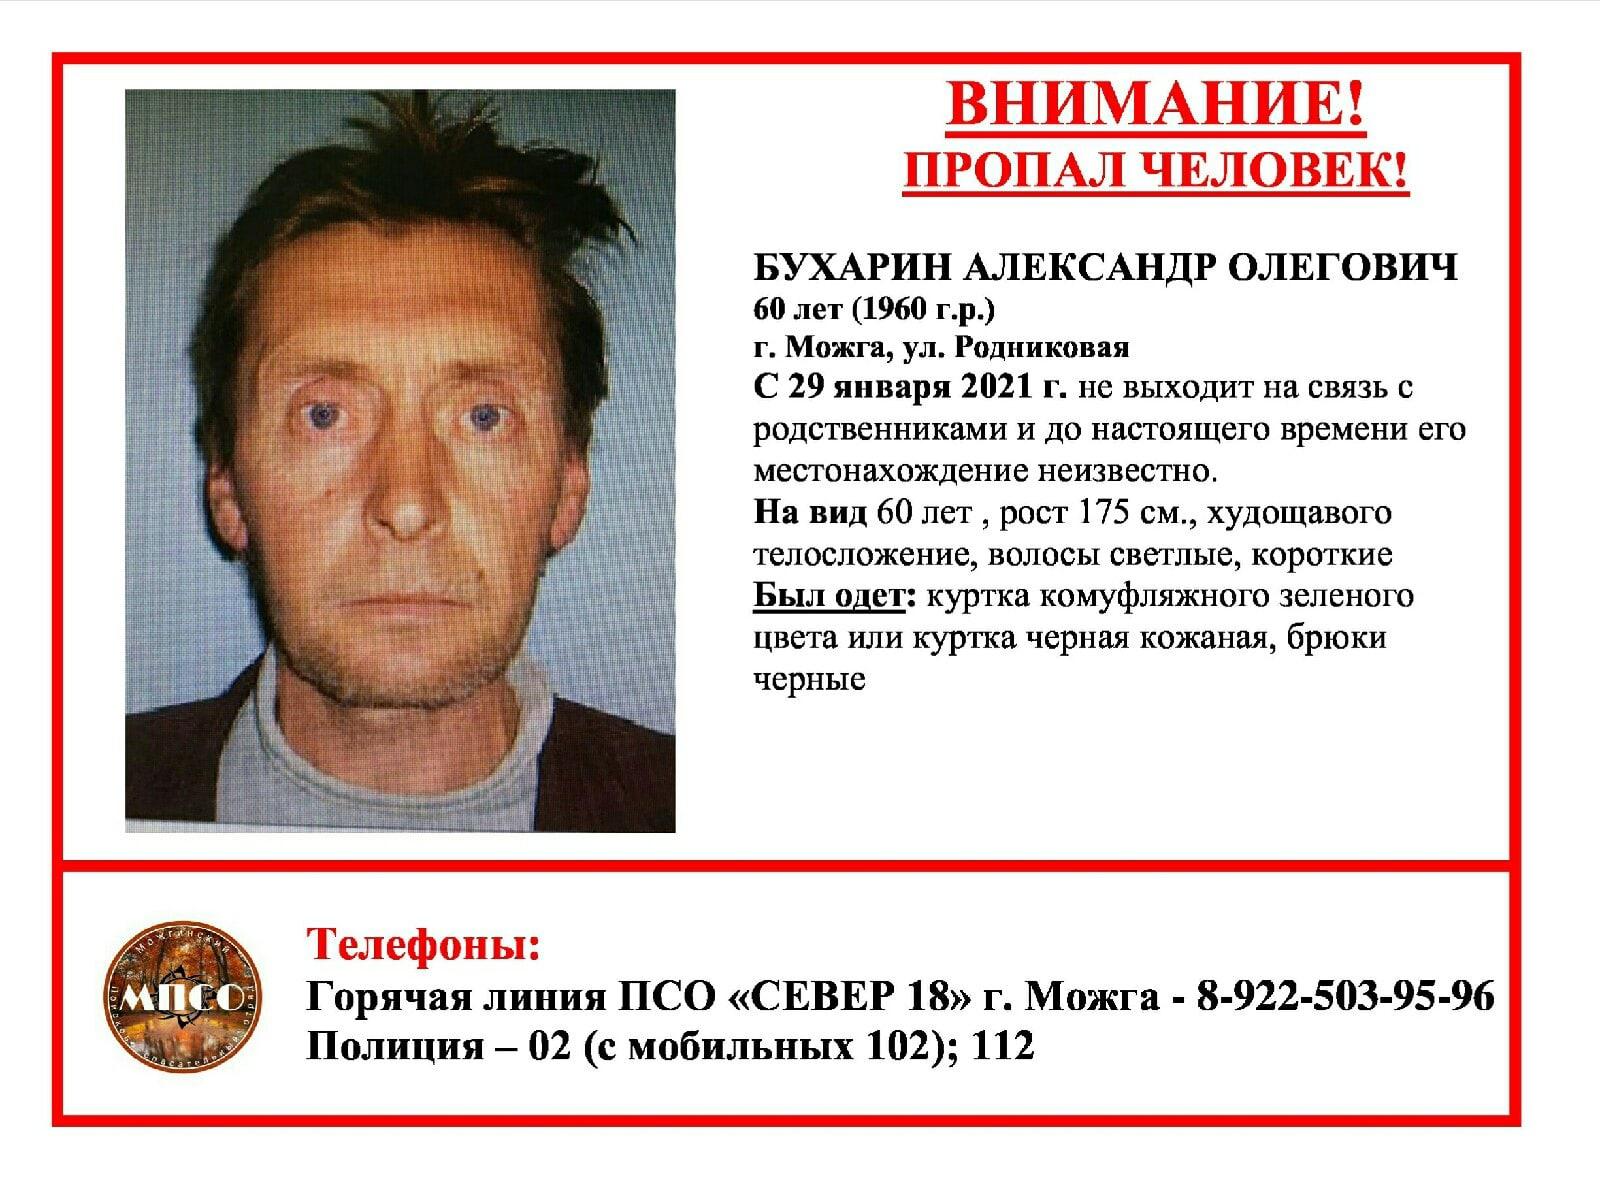 Внимание, пропал человек! Бухарин Александр Олегович, 60